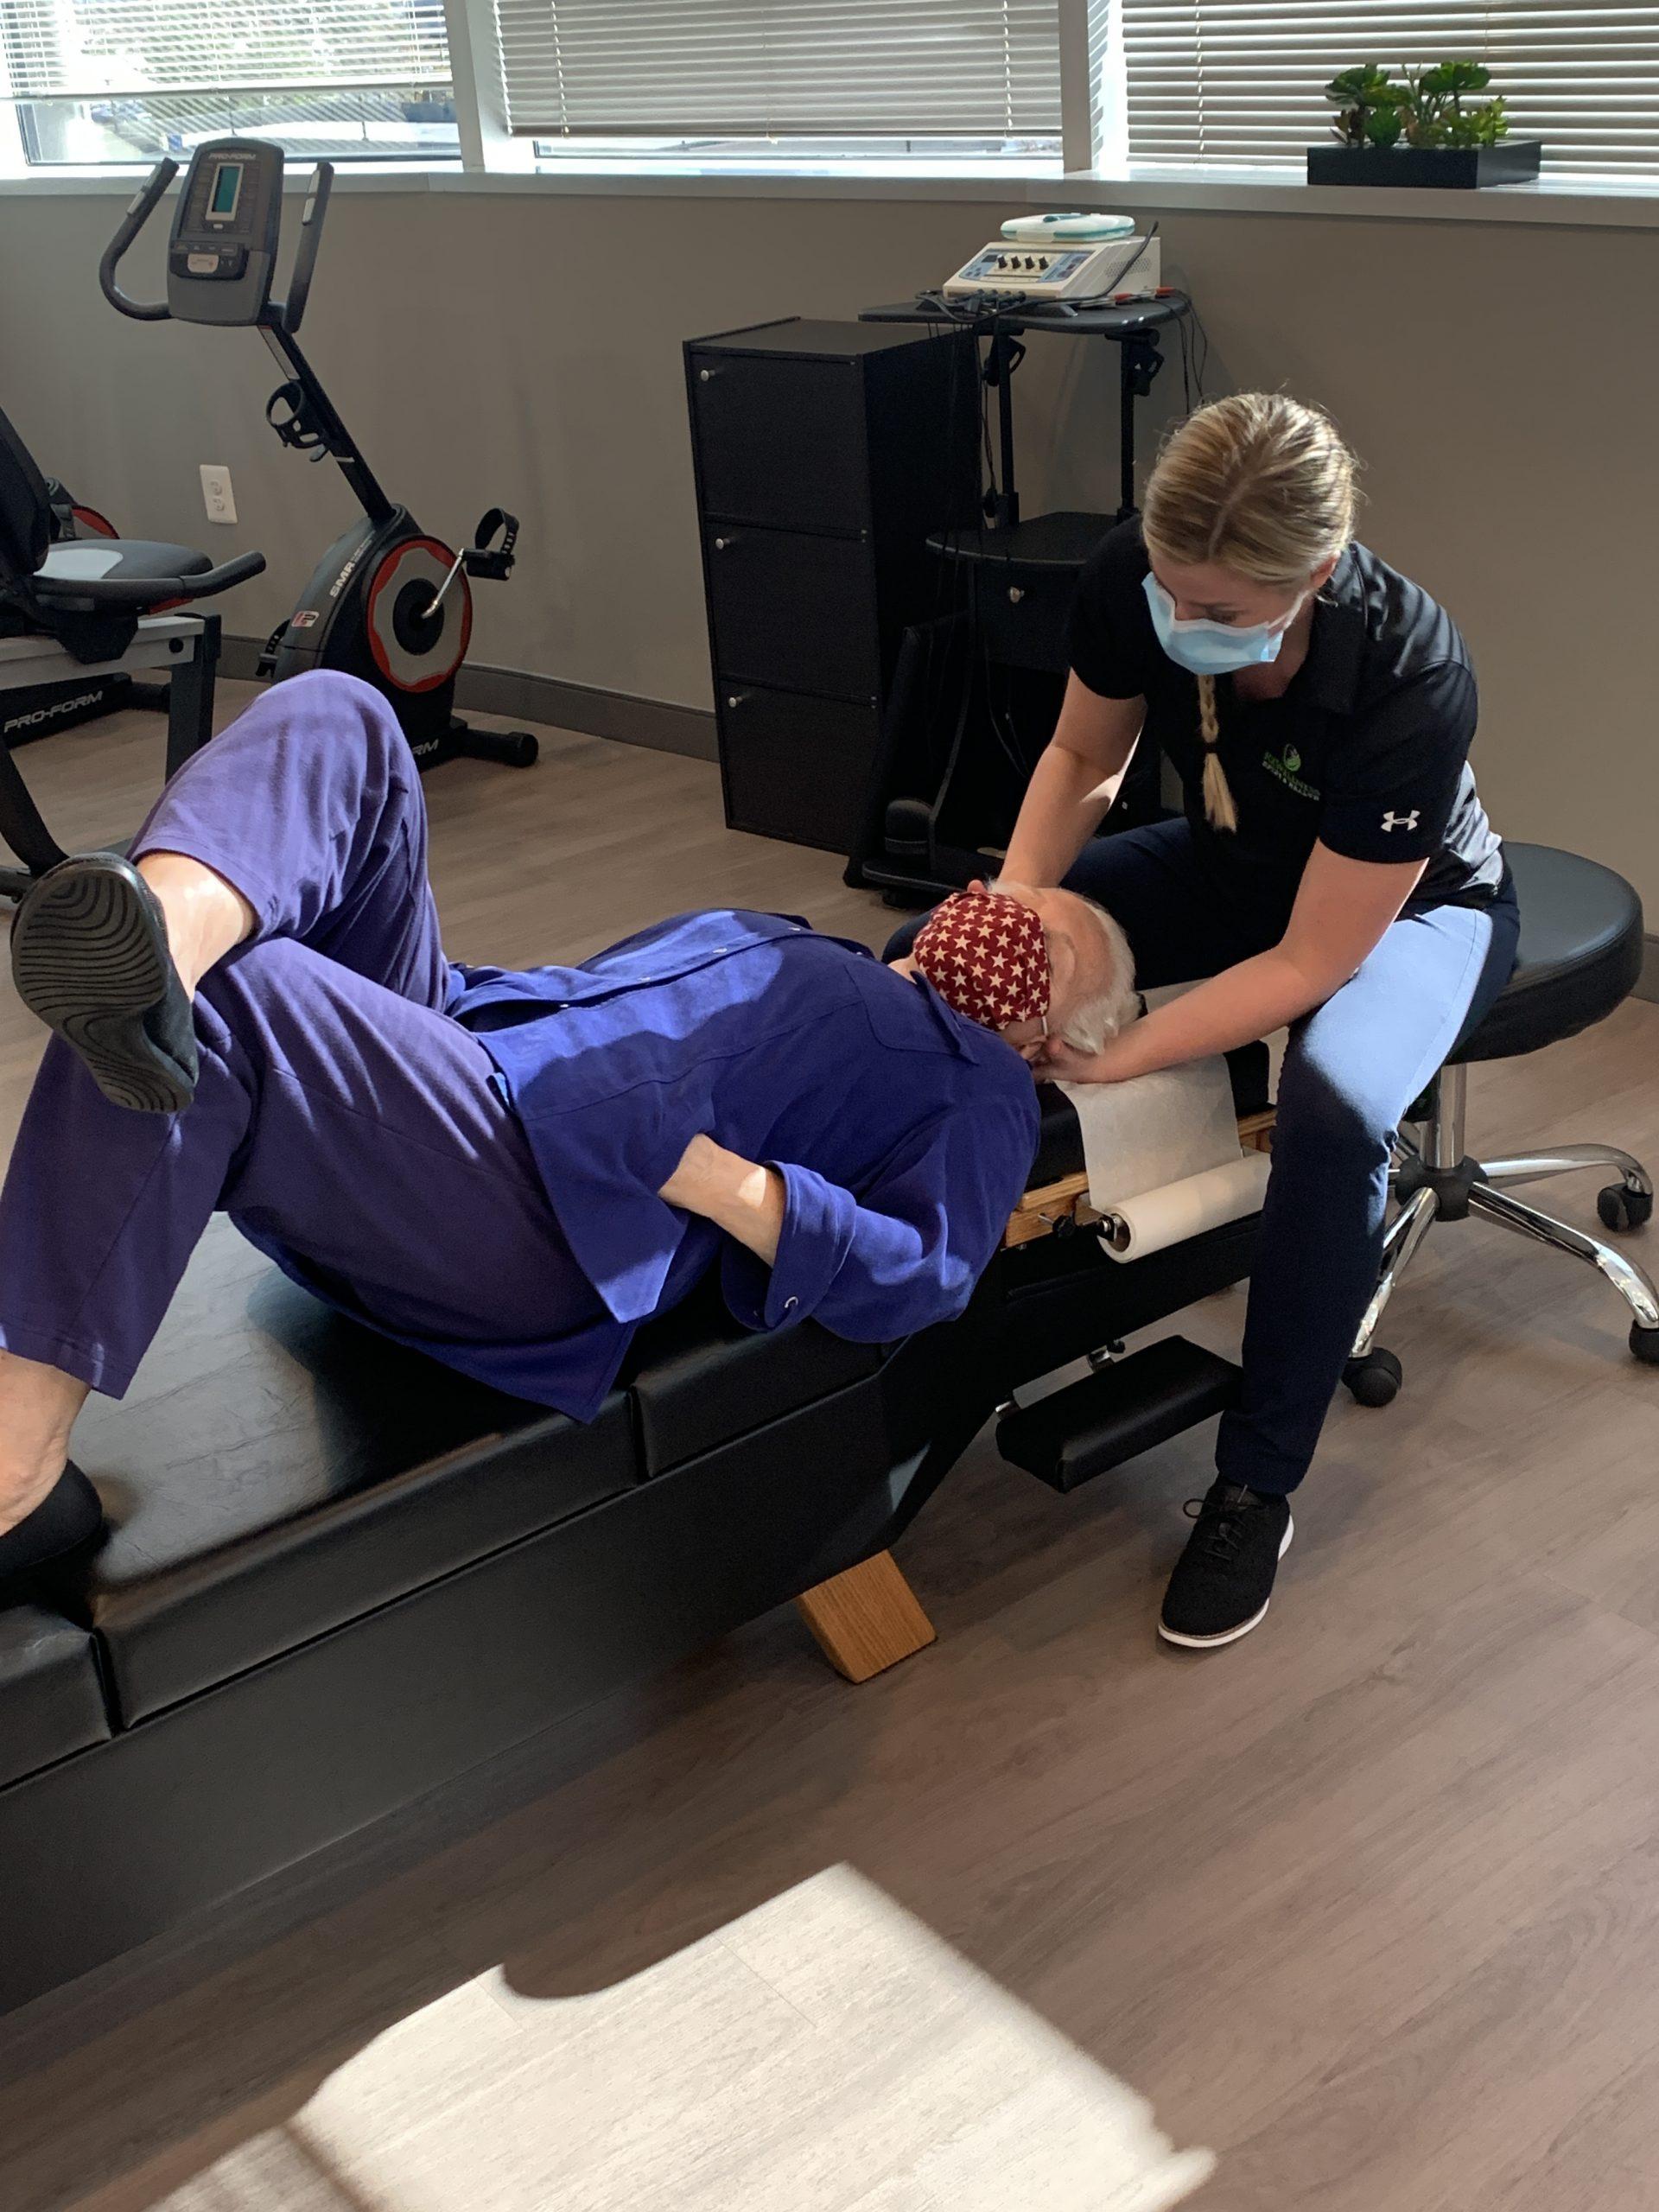 Chiropractic Adjustment in Alexandria, VA - Full Body